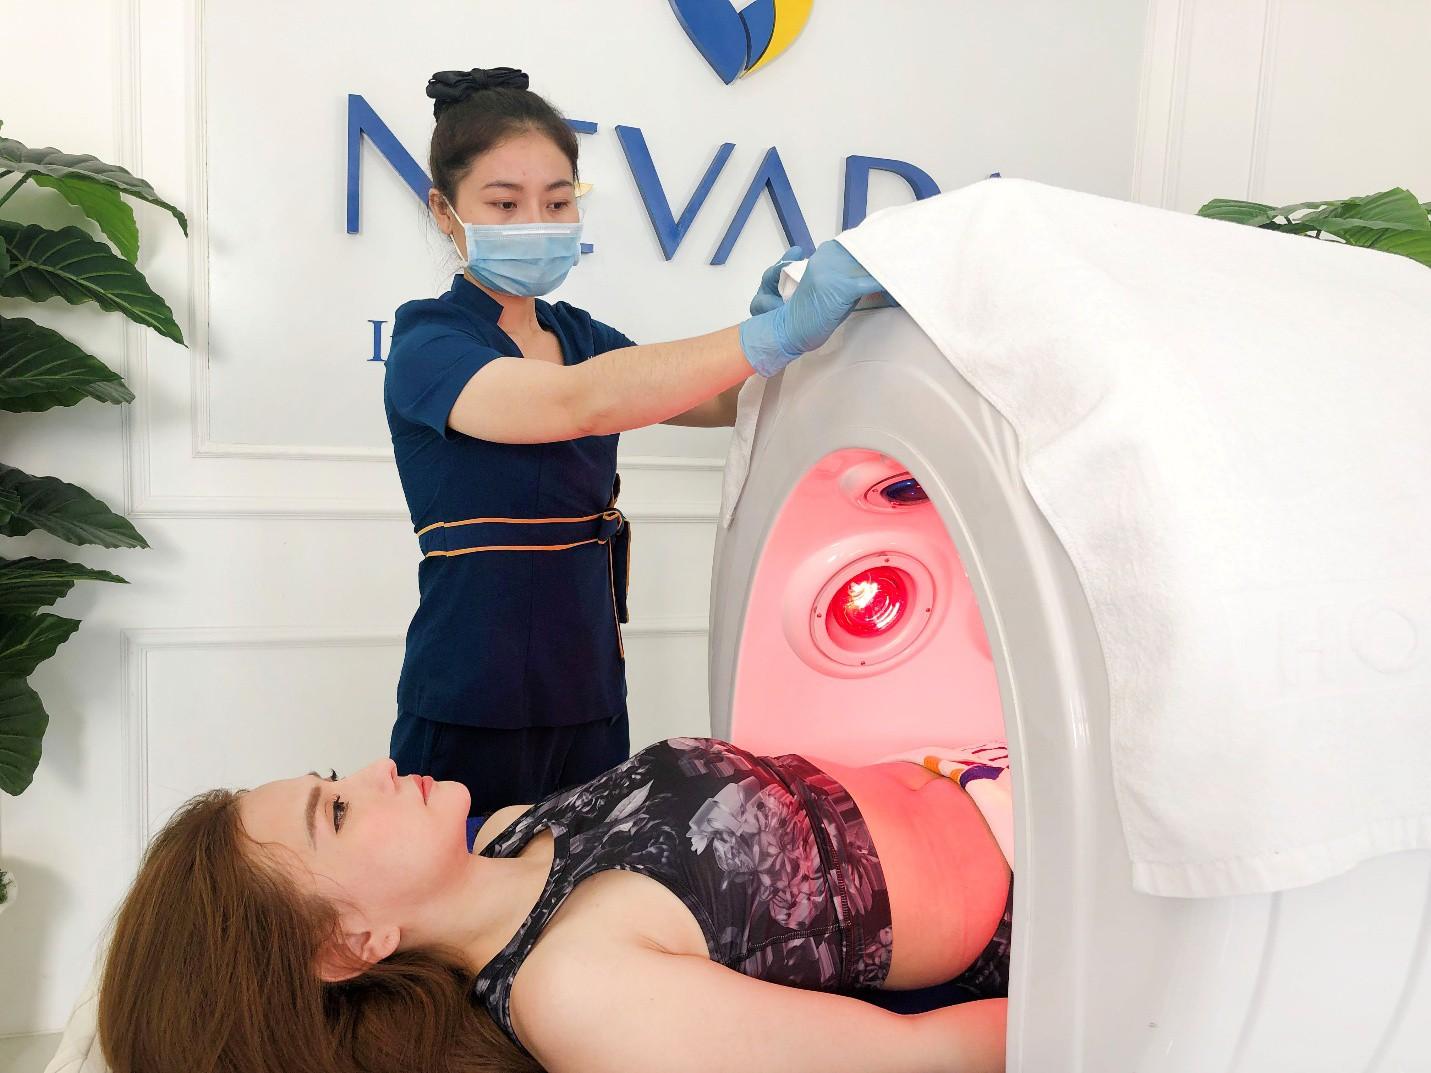 Chuyên gia dinh dưỡng PGS.TS. Bác sĩ Nguyễn Thị Lâm gợi ý phương pháp giảm cân khoa học, an toàn - Ảnh 5.